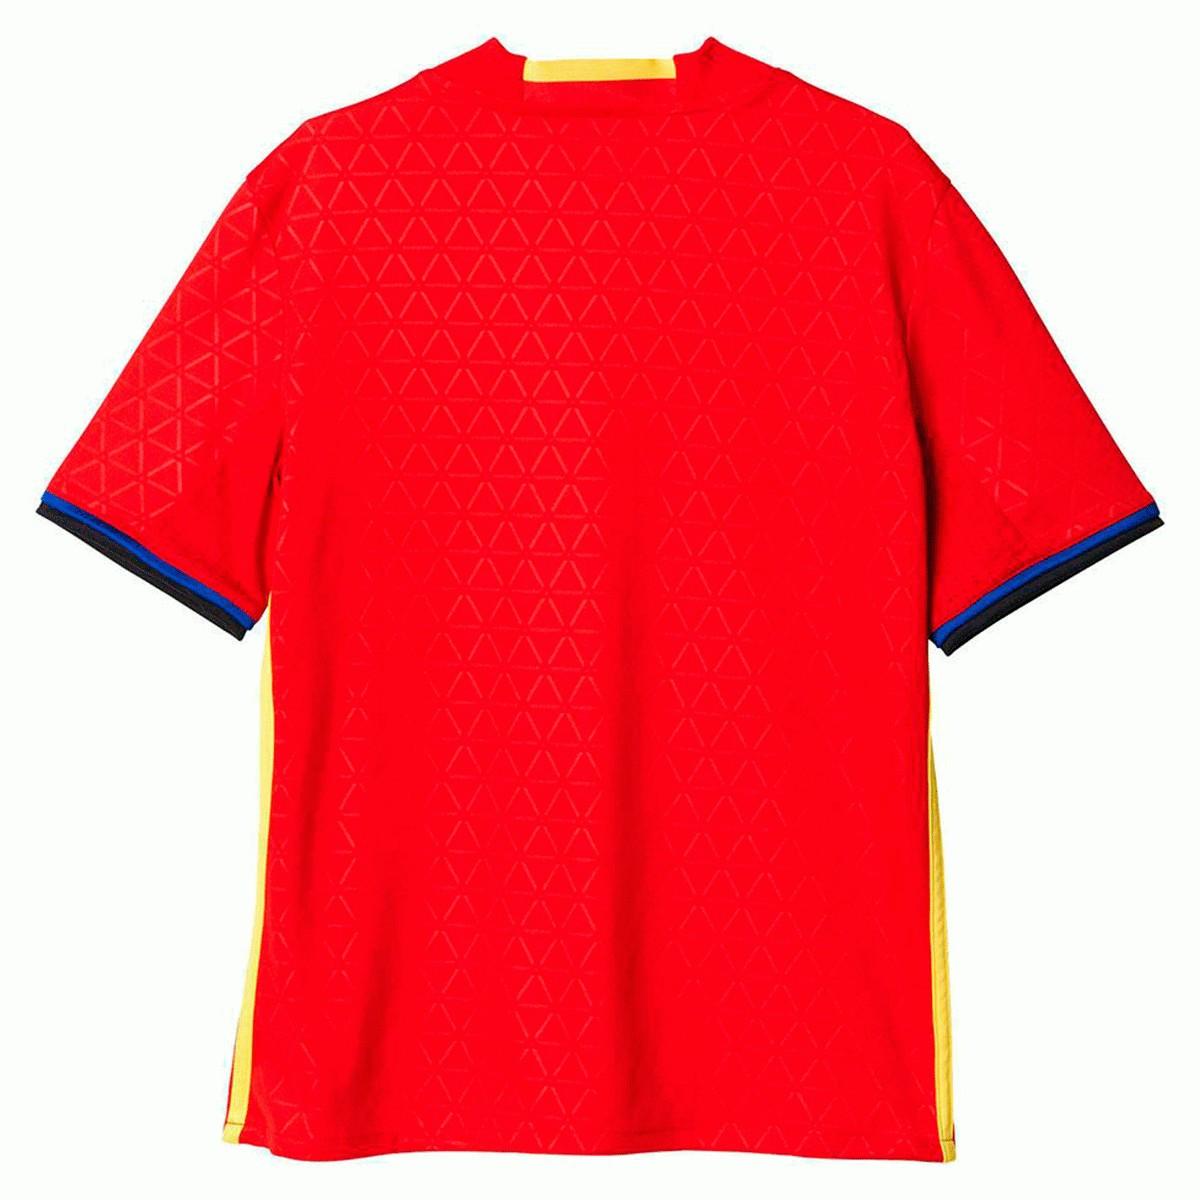 Camisa Espanha Adidas 2016-2017 - Vermelho - Masculino